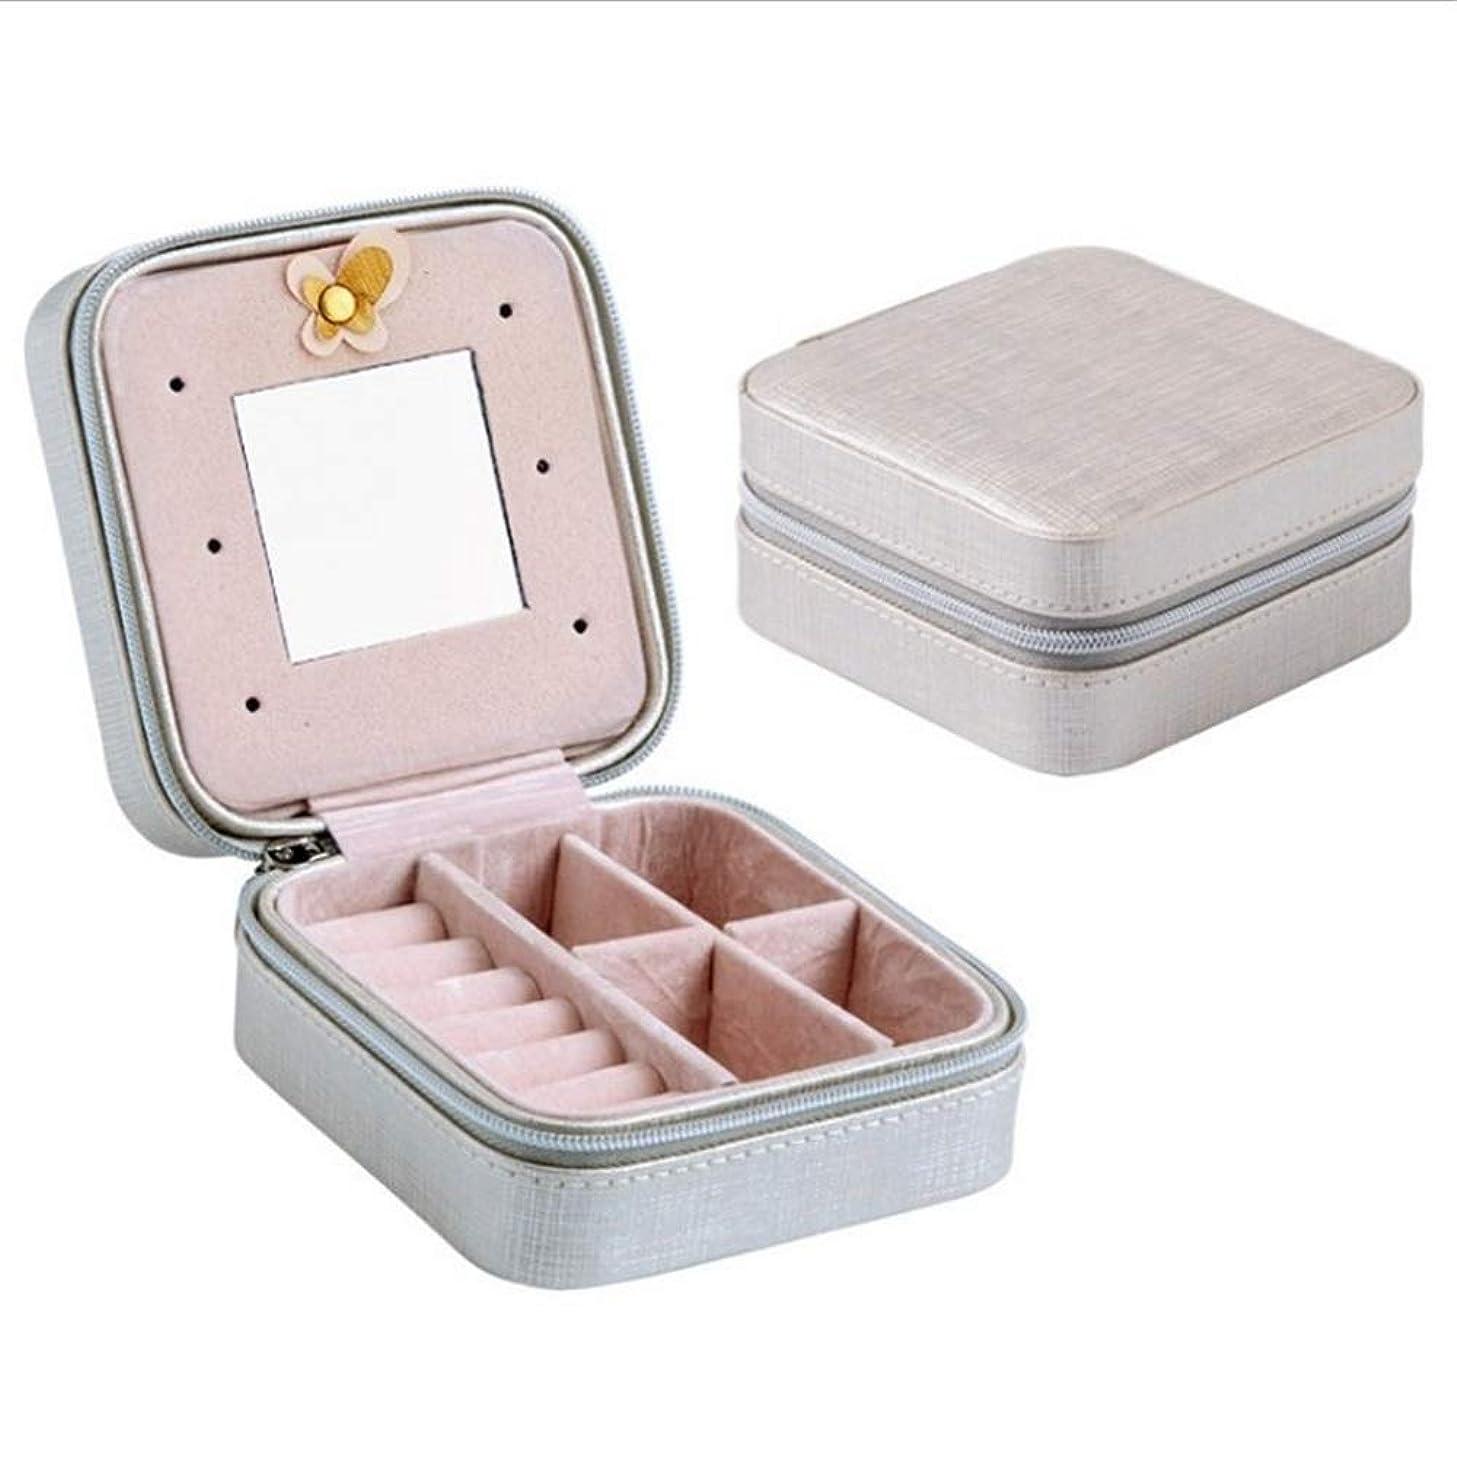 タクトエキス判決特大スペース収納ビューティーボックス 携帯用化粧の電車の箱美のためのそして女の子のための女性旅行および錠および折る皿が付いているアルミニウムフレームが付いている毎日の貯蔵 化粧品化粧台 (色 : C1)